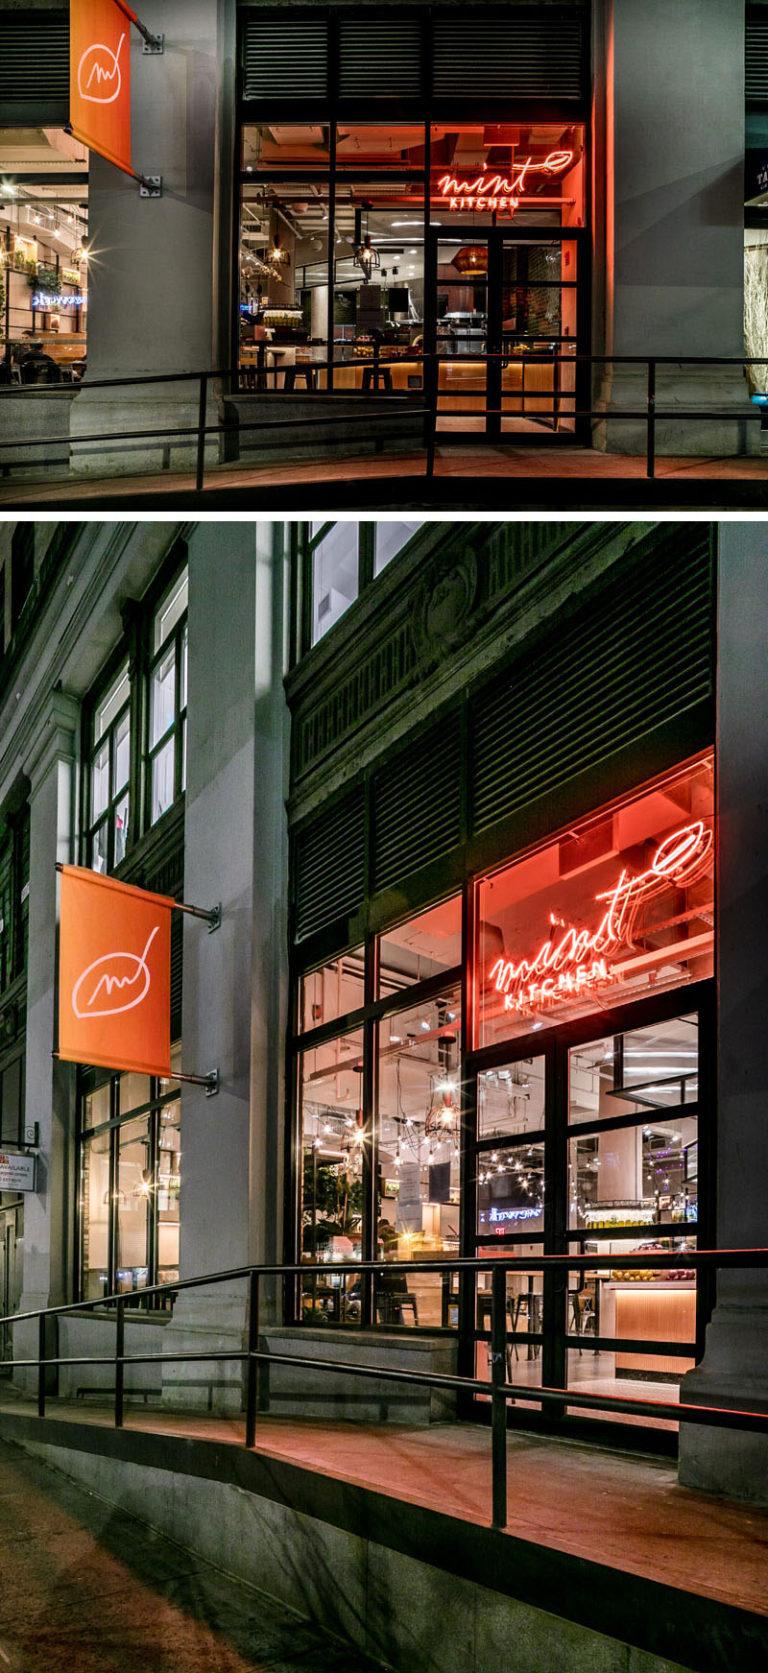 A New Fast Casual Restaurant by CRÈME / Jun Aizaki Architecture & Design in New York